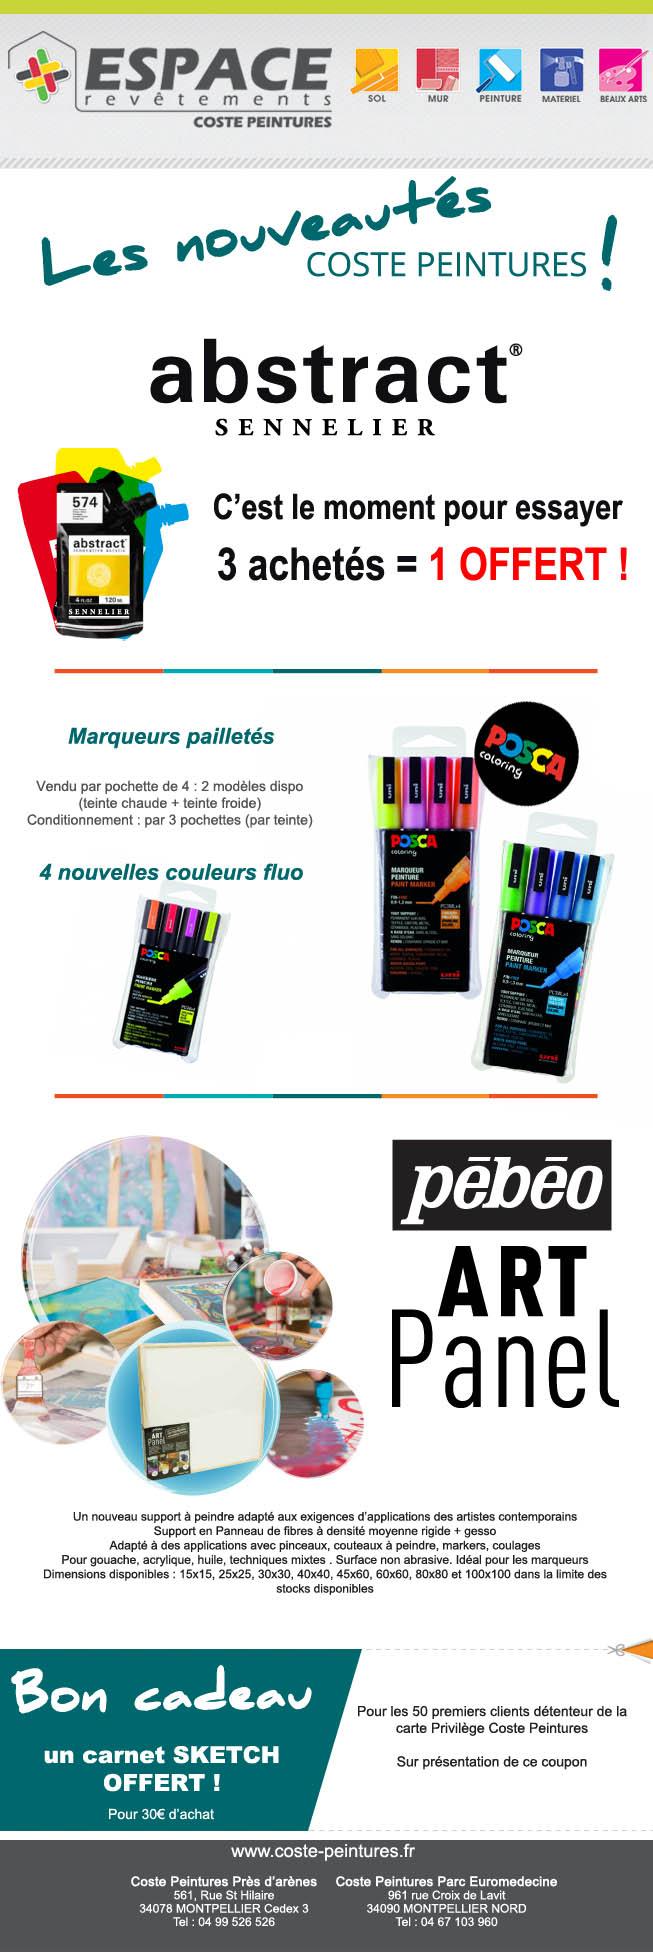 Newsletter mensuelle pour Coste Peintures